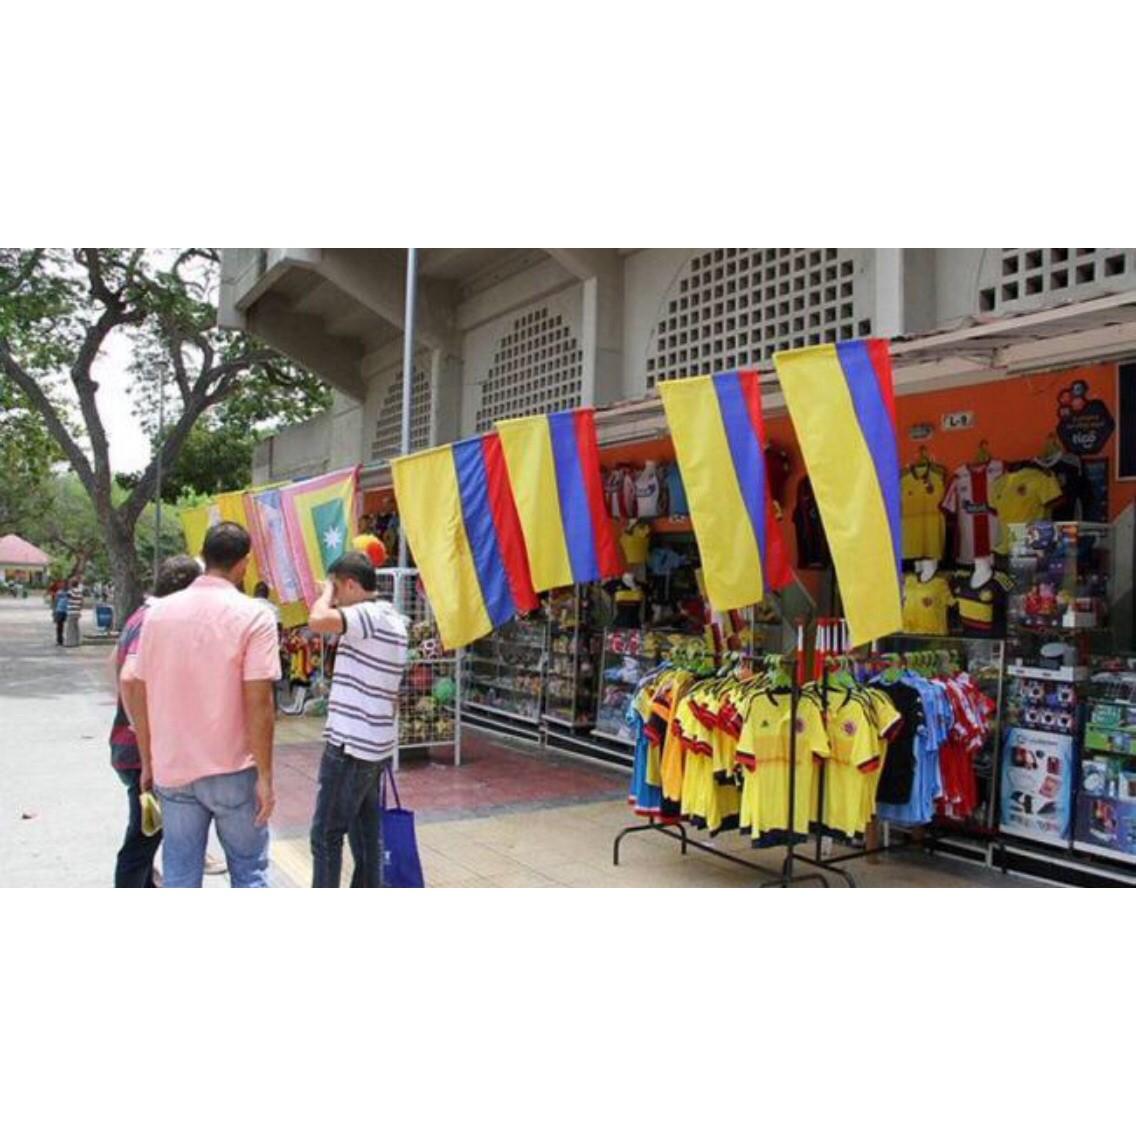 comercio partido colombia 2